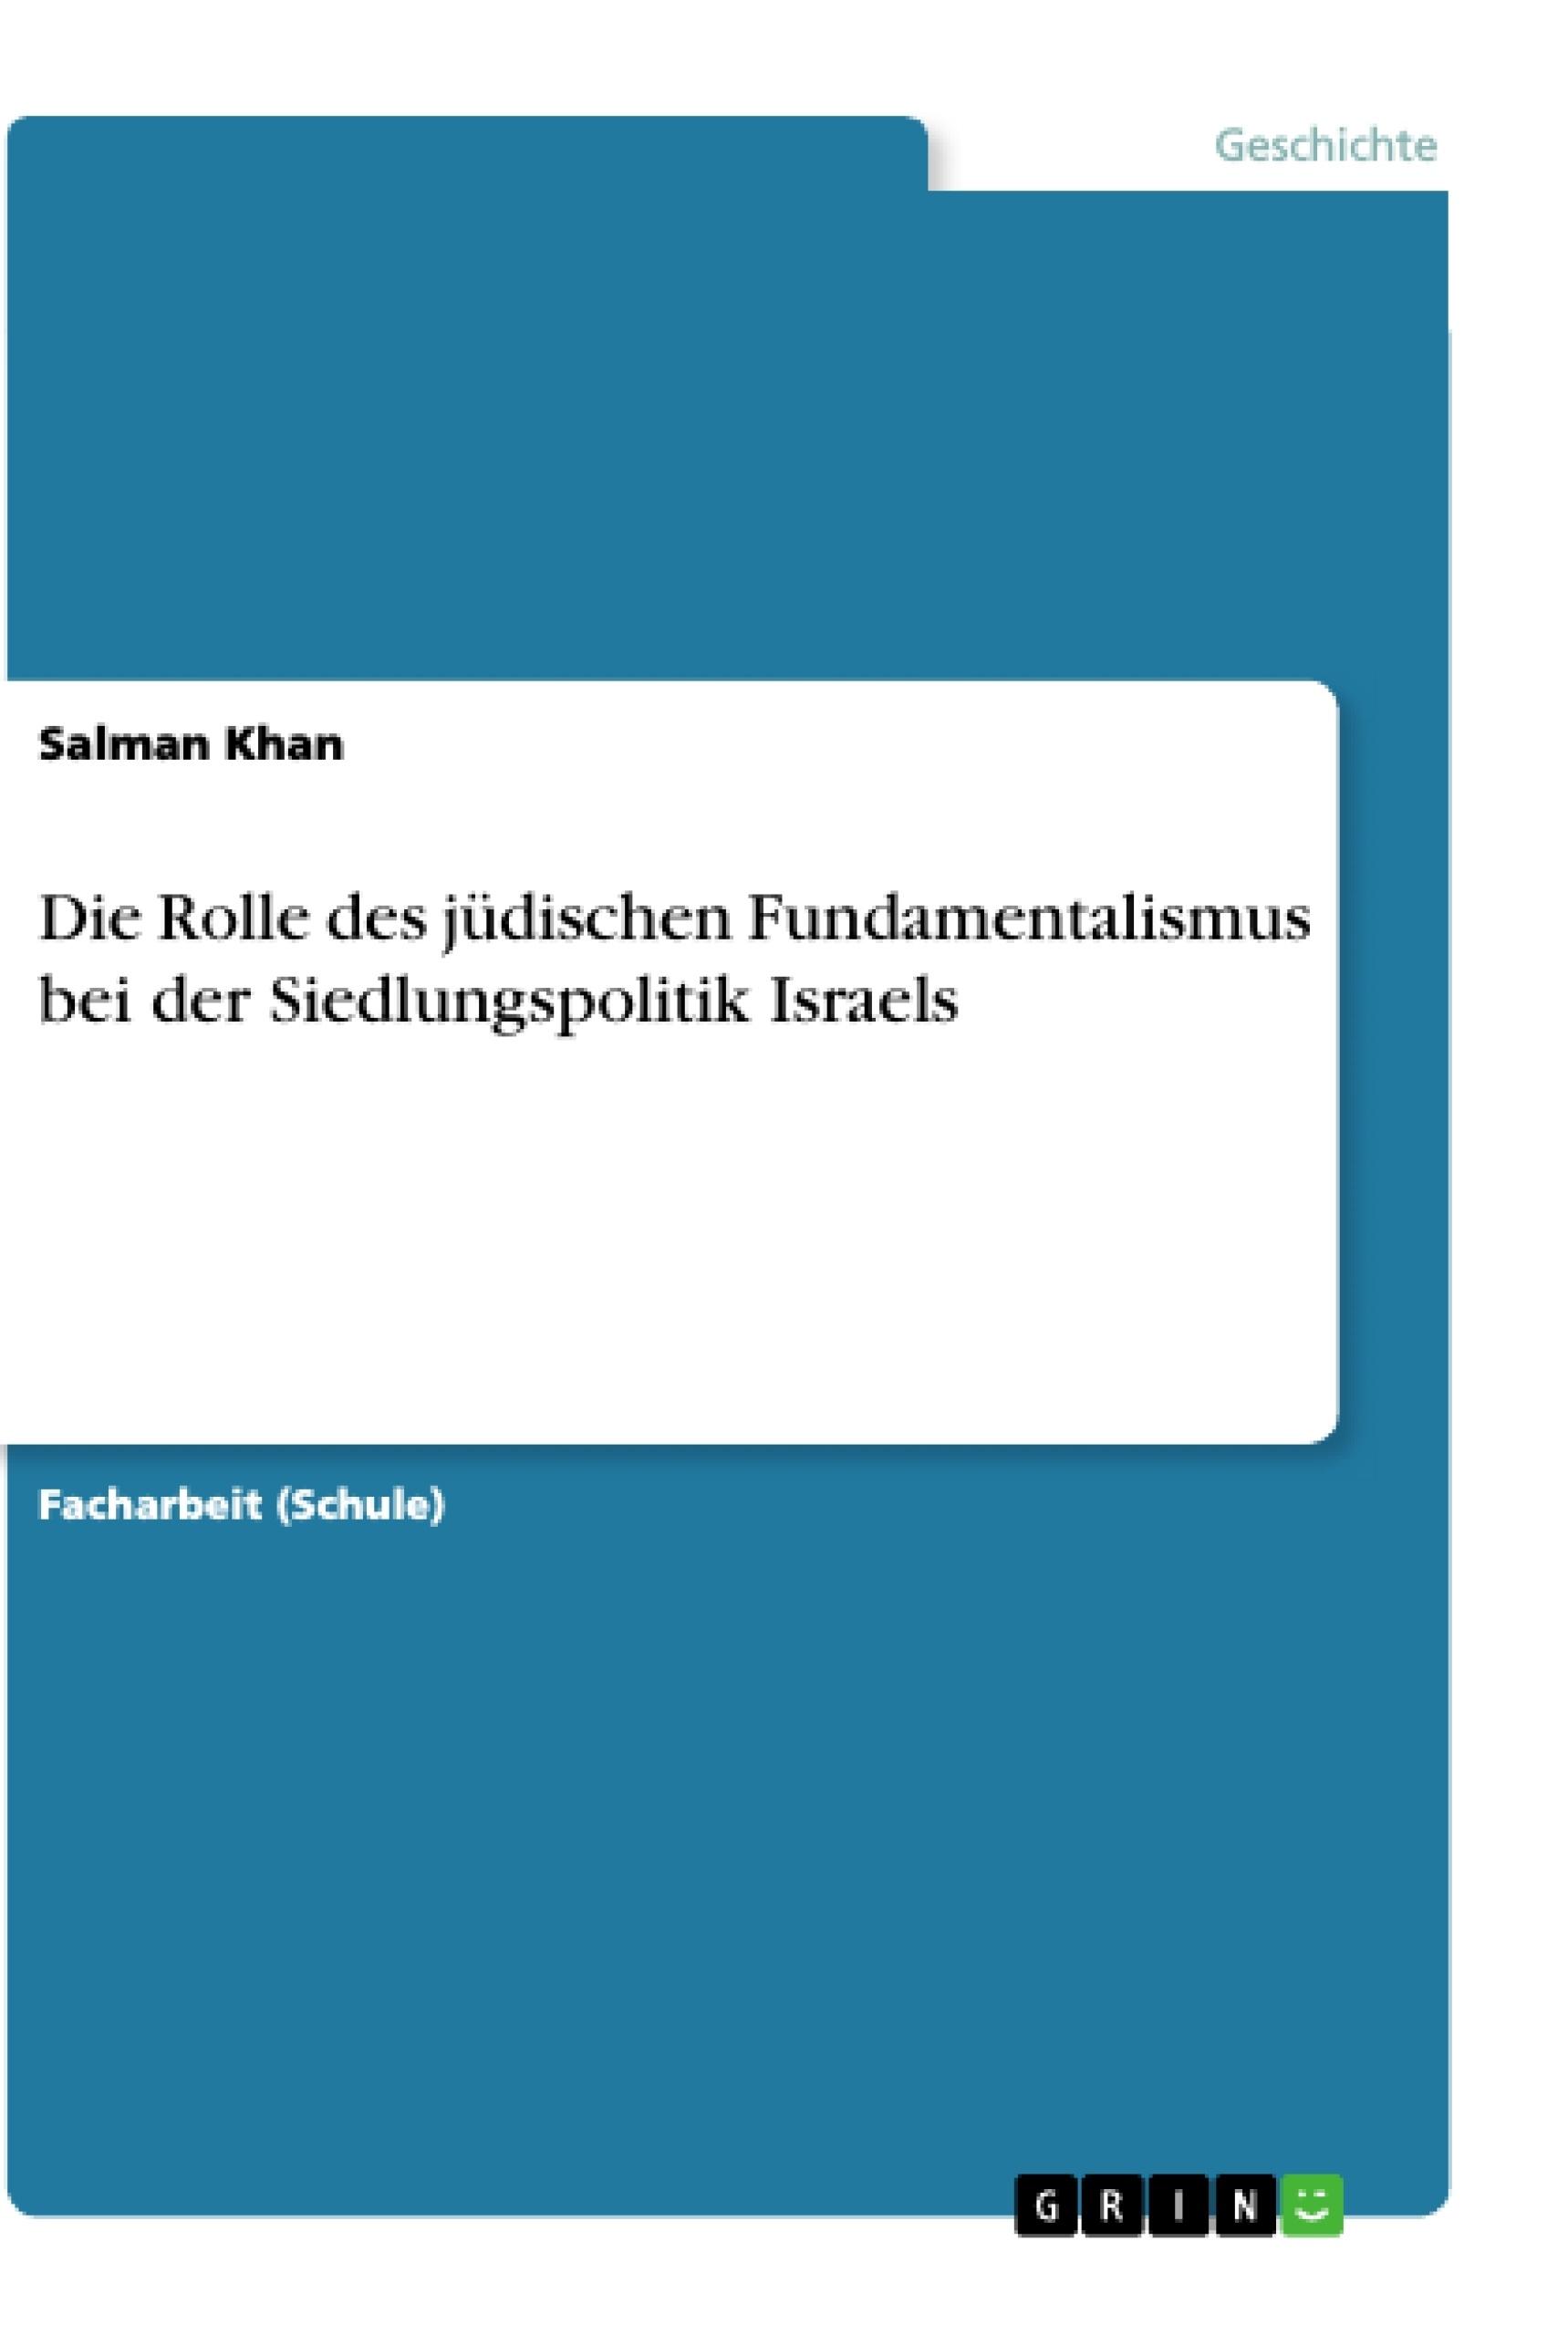 Titel: Die Rolle des jüdischen Fundamentalismus bei der Siedlungspolitik Israels